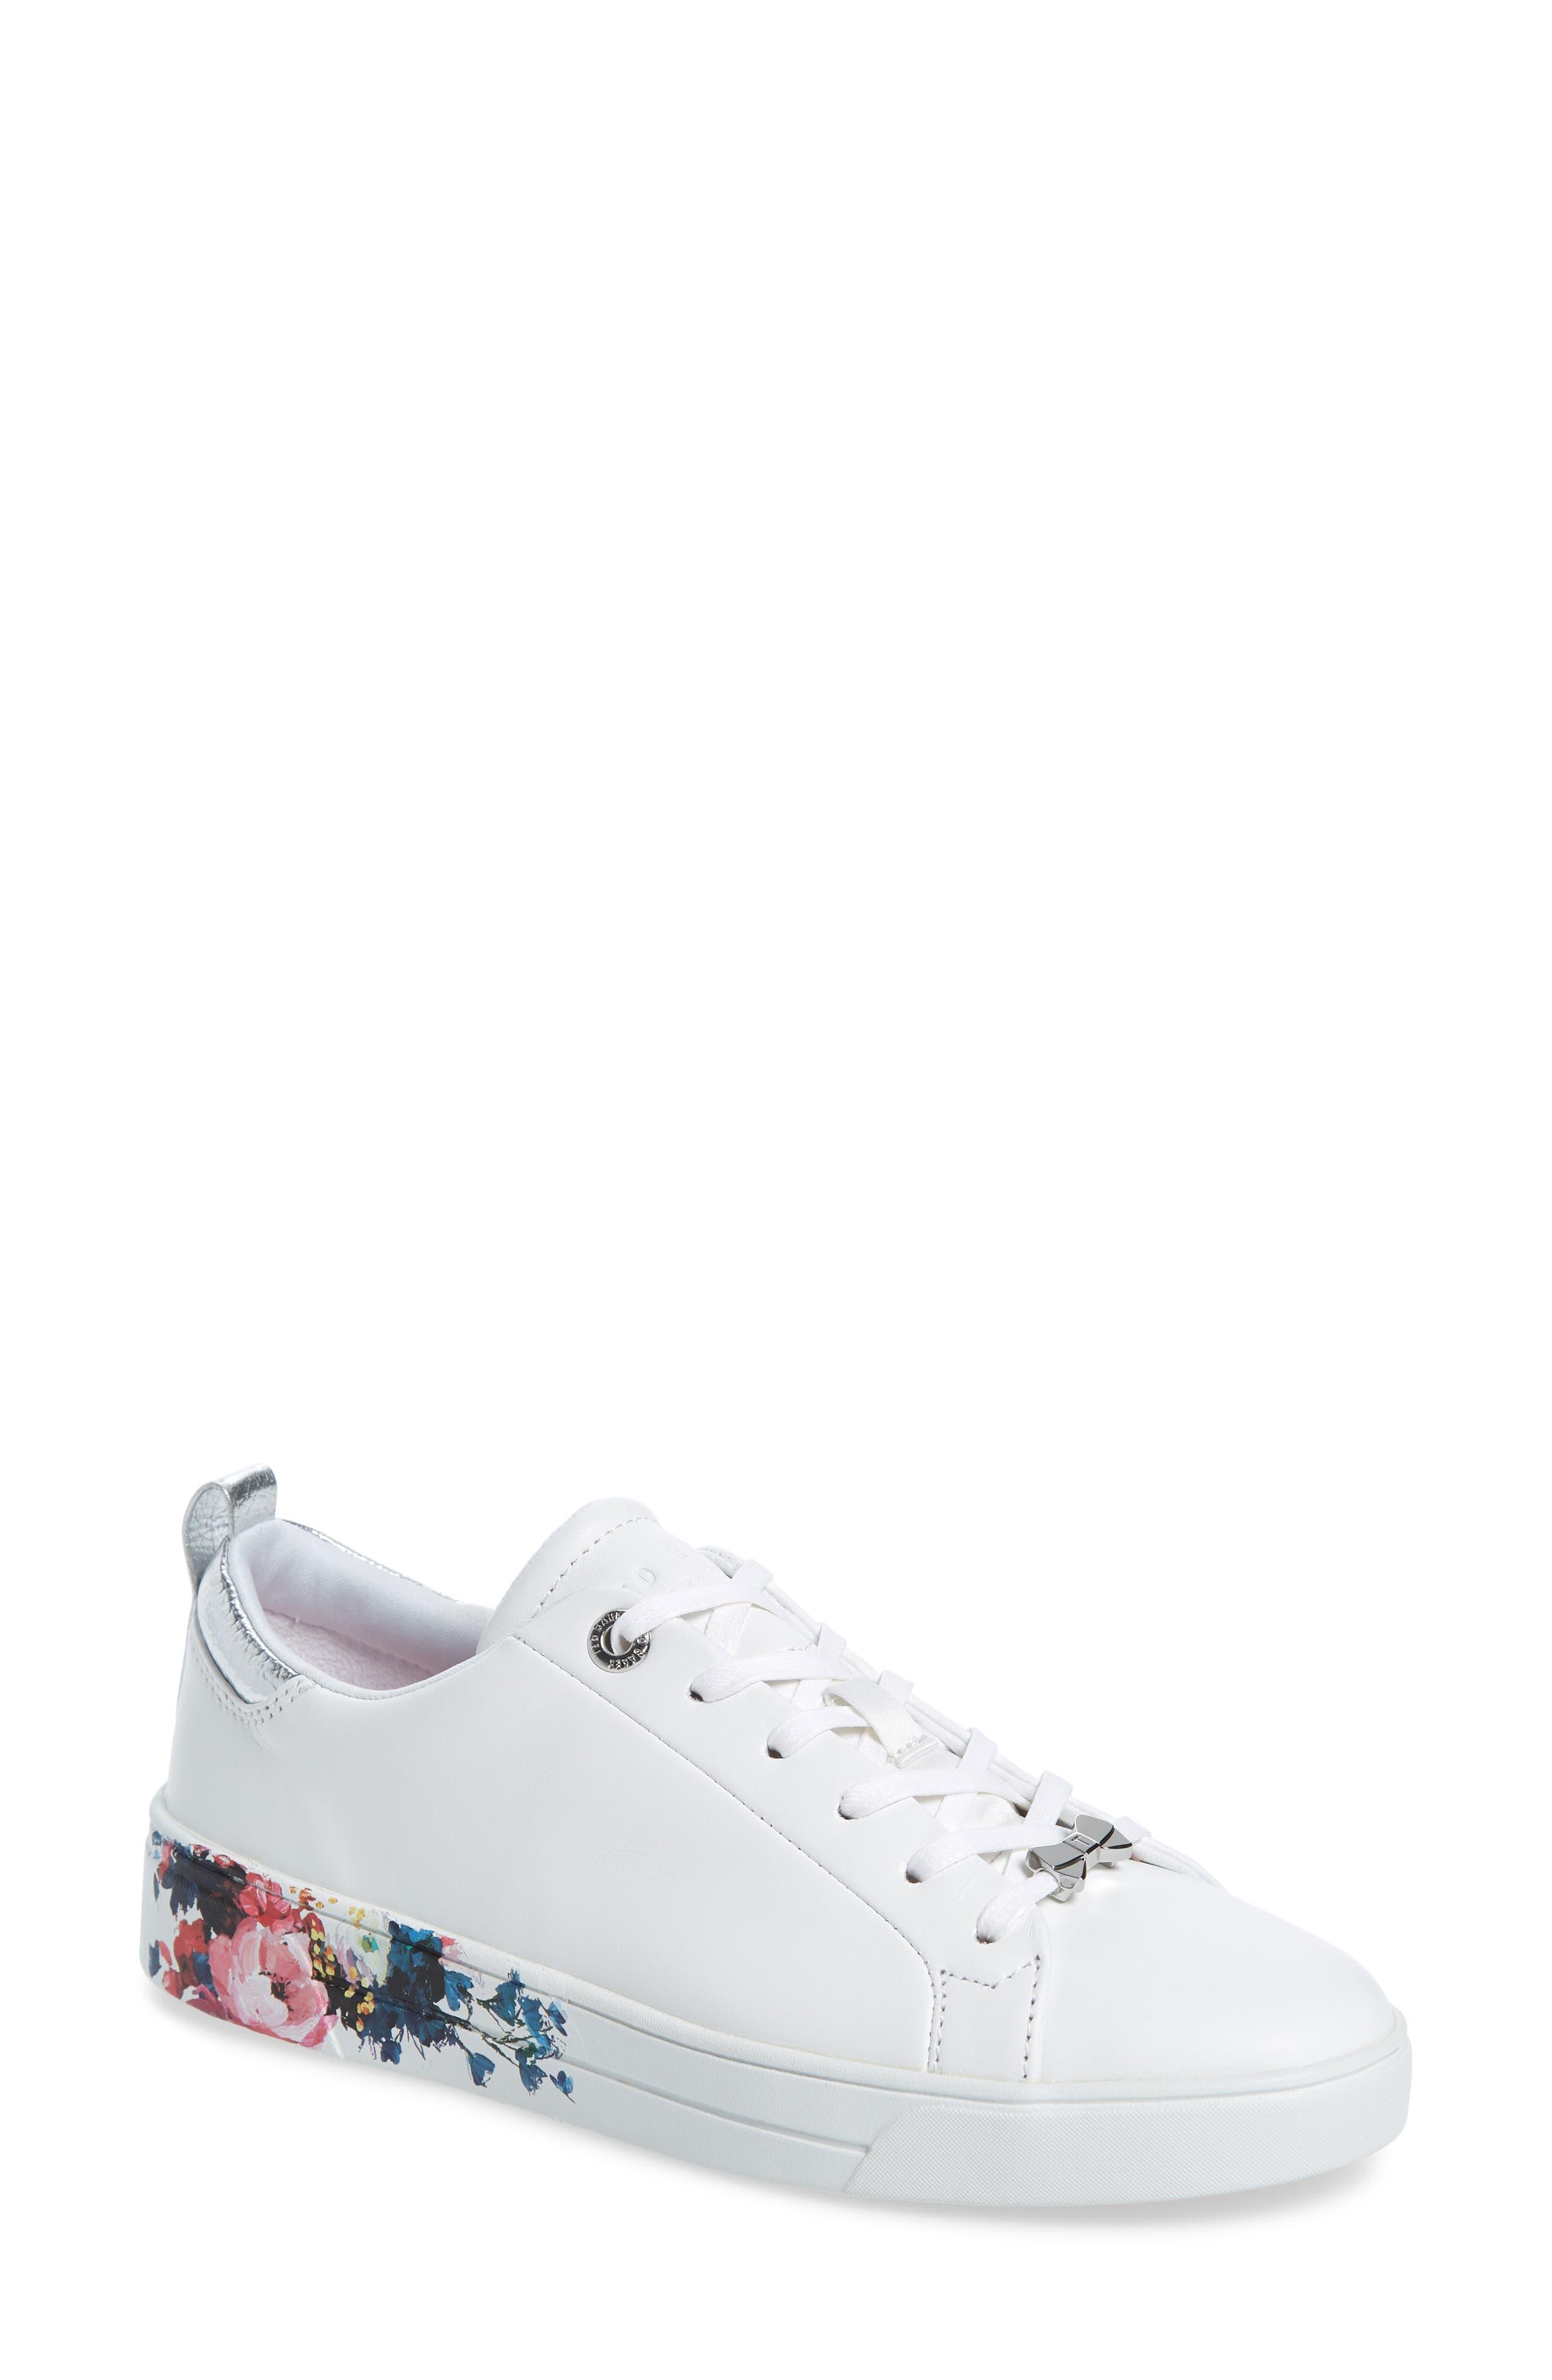 Ted Baker London Roully Sneaker, White